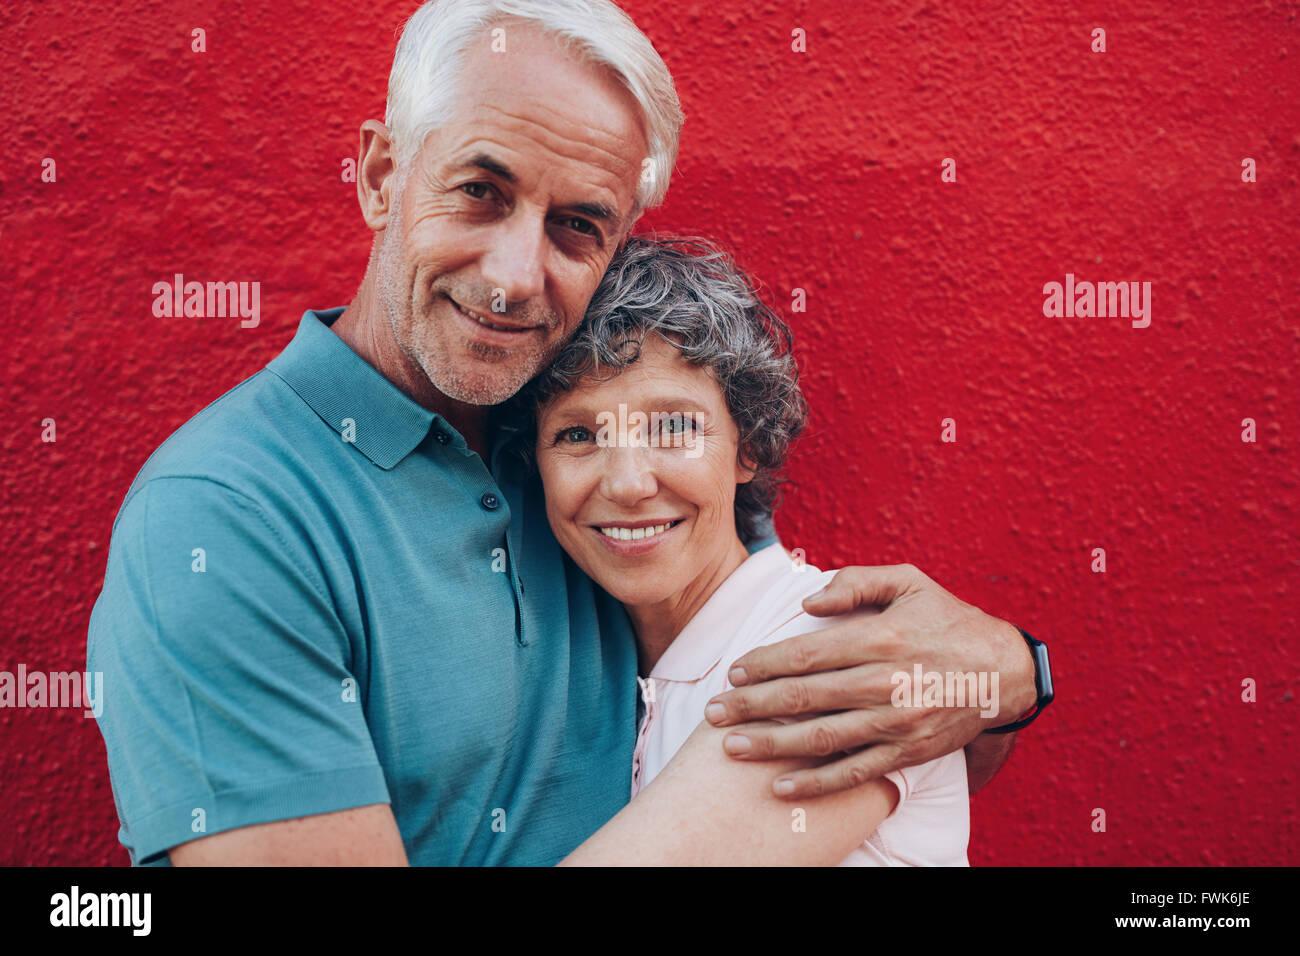 Porträt des Liebens Mitte im Alter paar umarmt vor rotem Hintergrund. Reifer Mann und Frau gemeinsam gegen Stockbild